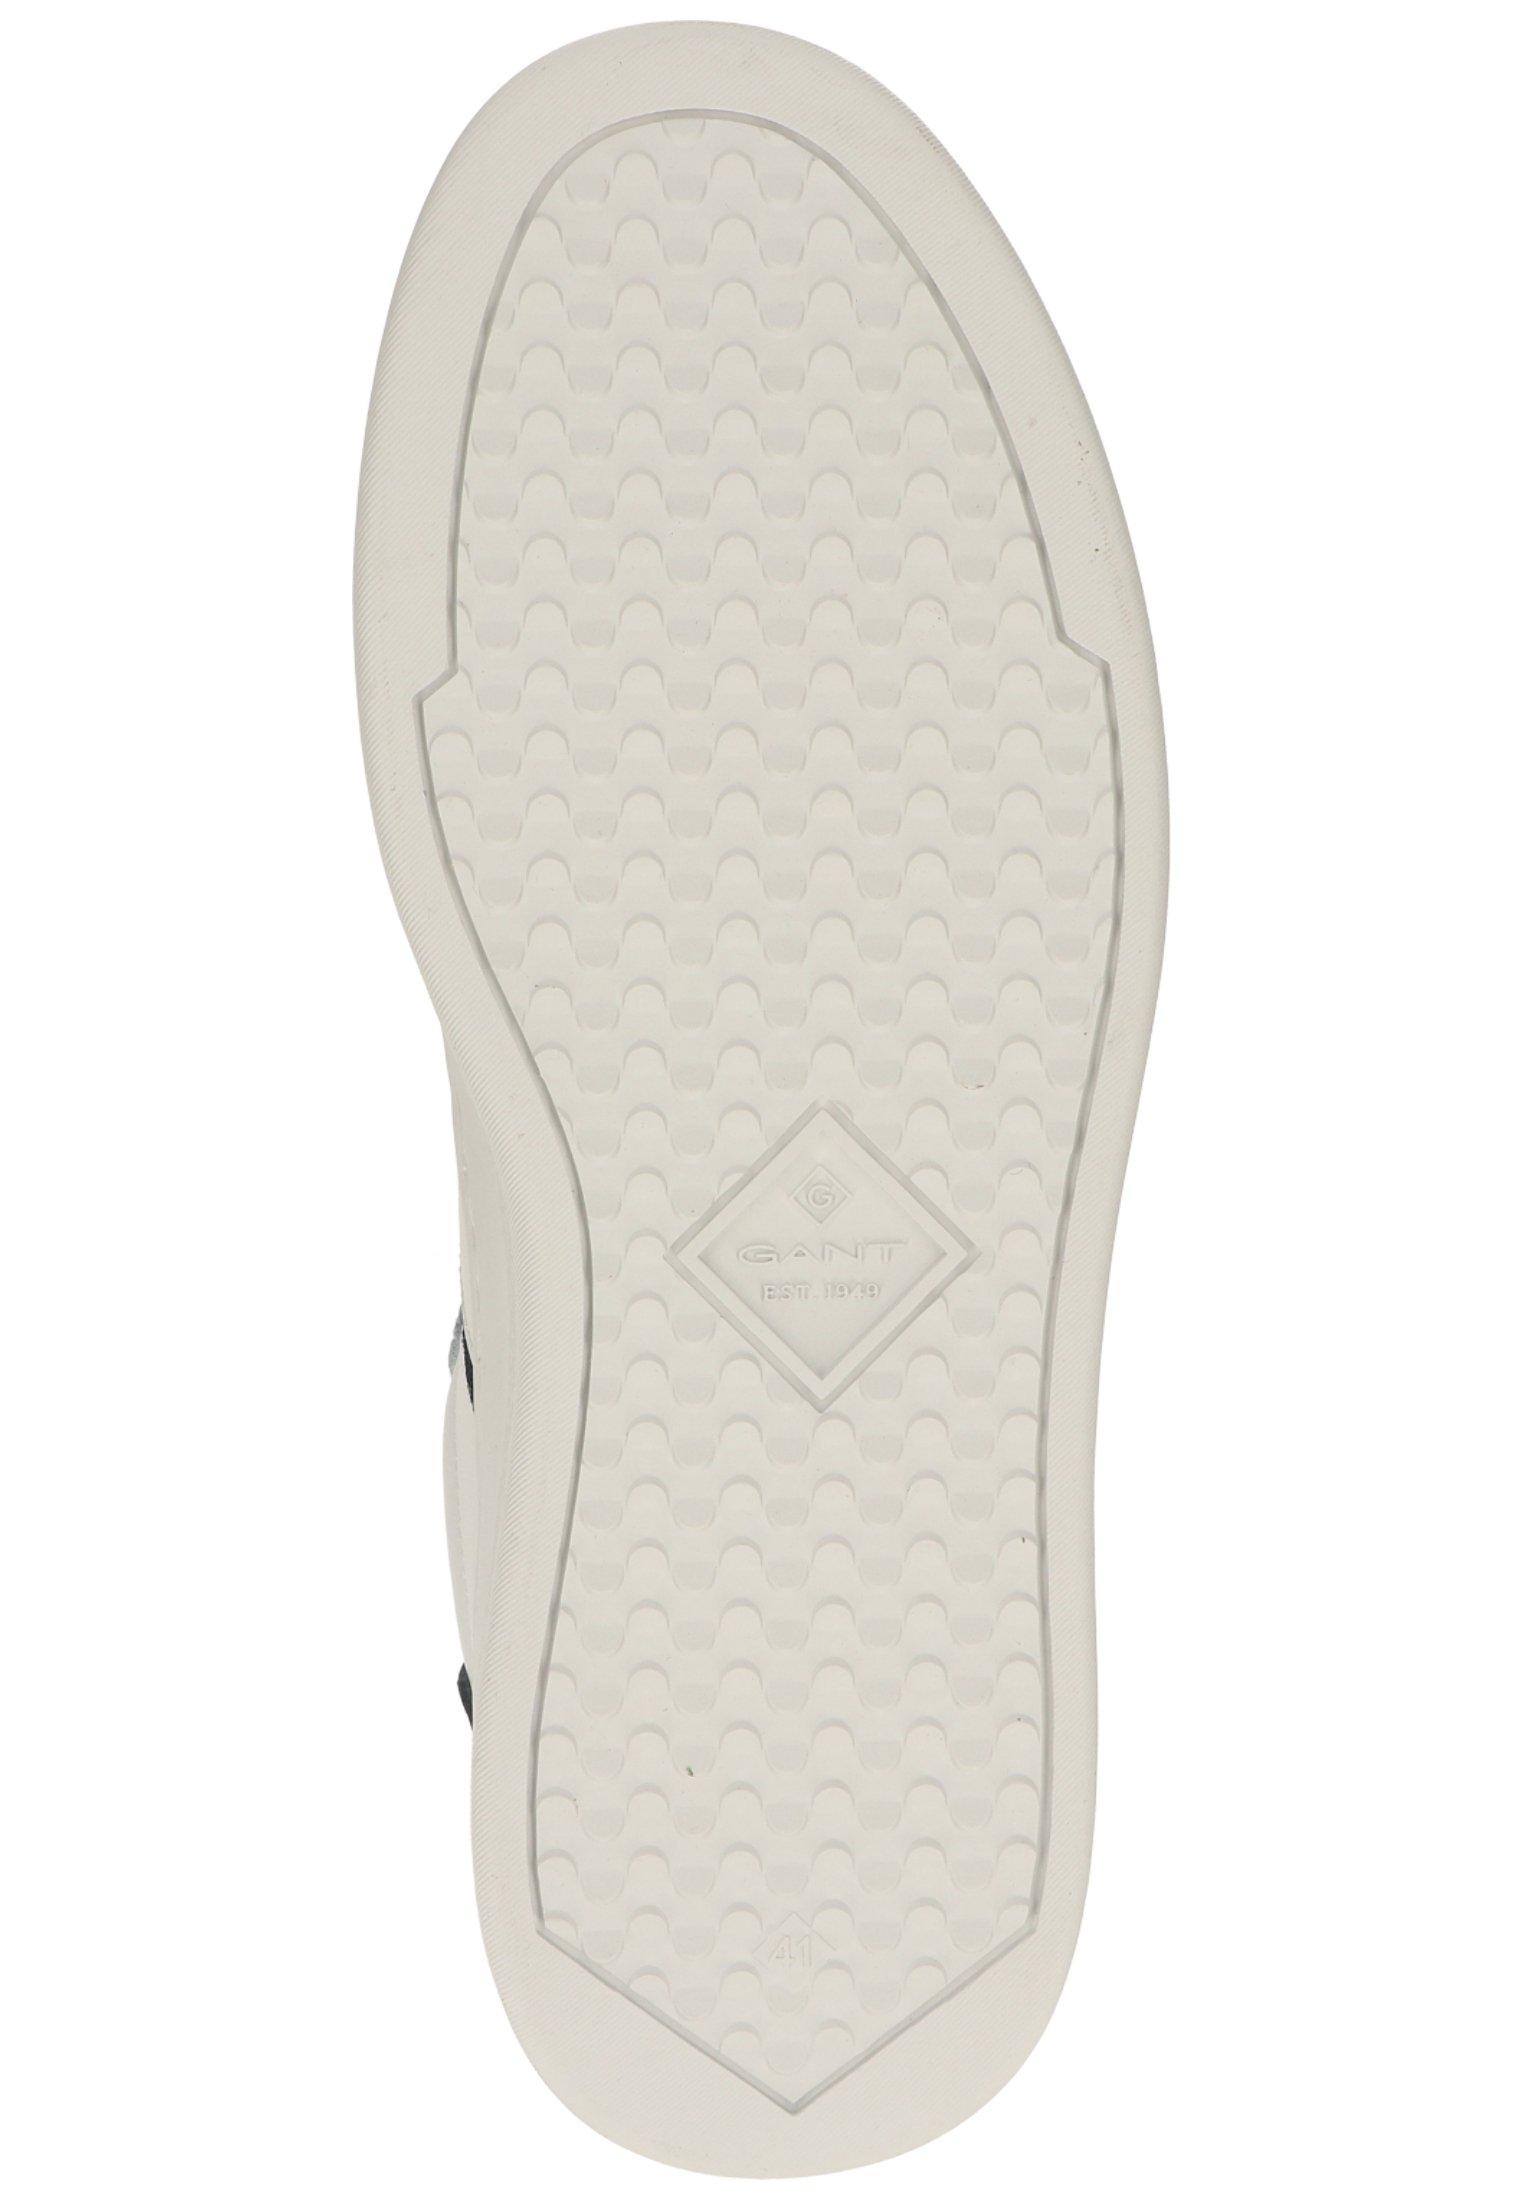 GANT Sneaker low - off white/weiß - Herrenschuhe gvLfB